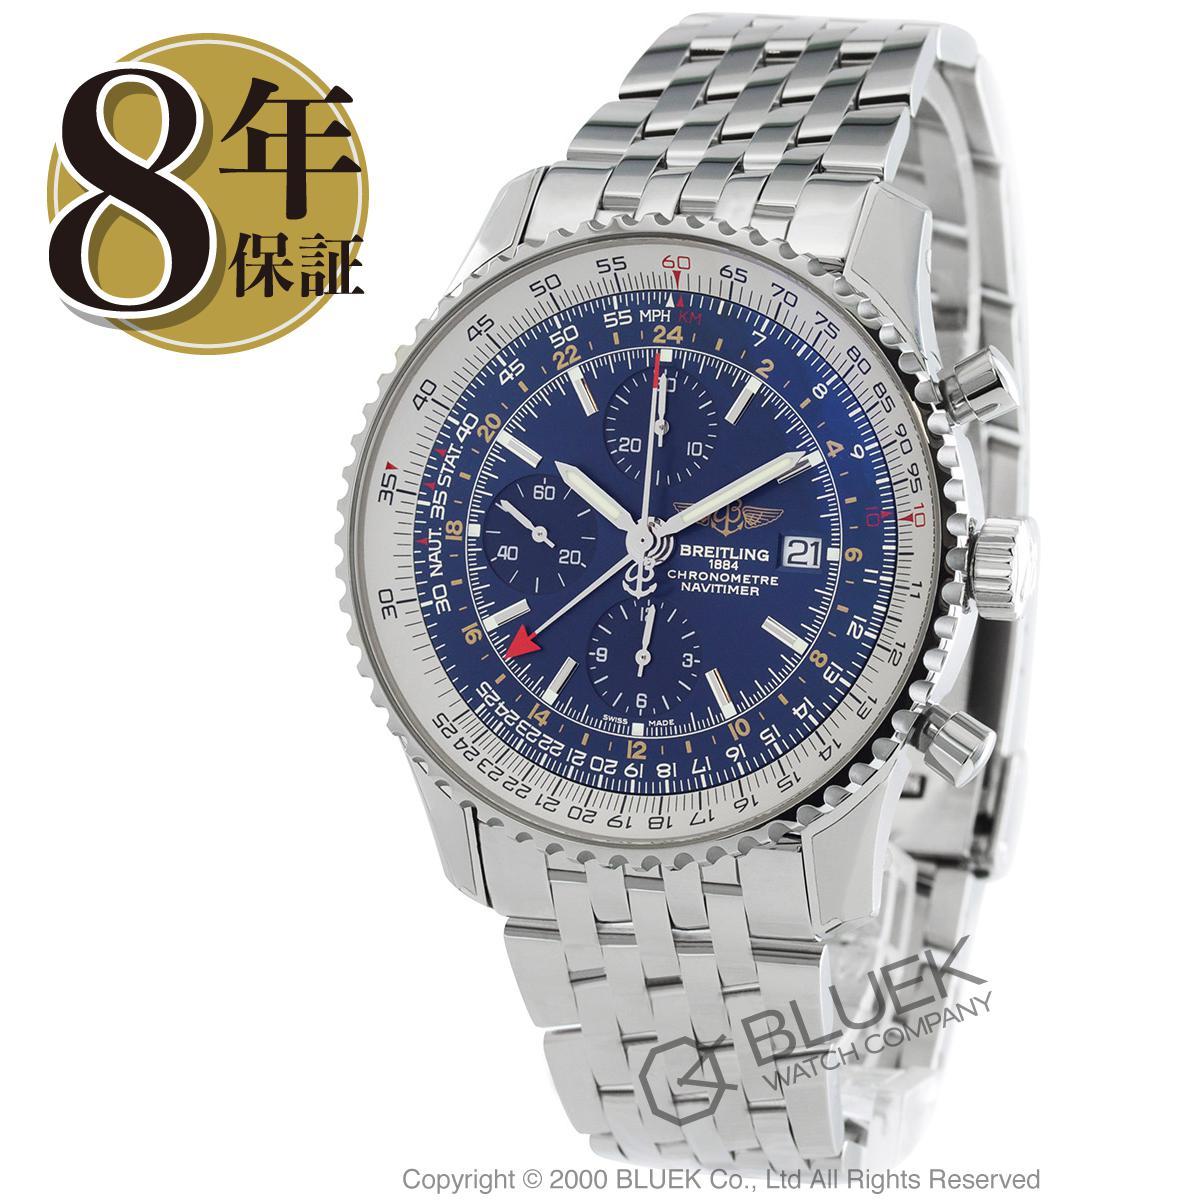 【15,000円OFFクーポン対象】ブライトリング ナビタイマー ワールド クロノグラフ 腕時計 メンズ BREITLING A242 C51 NP_8